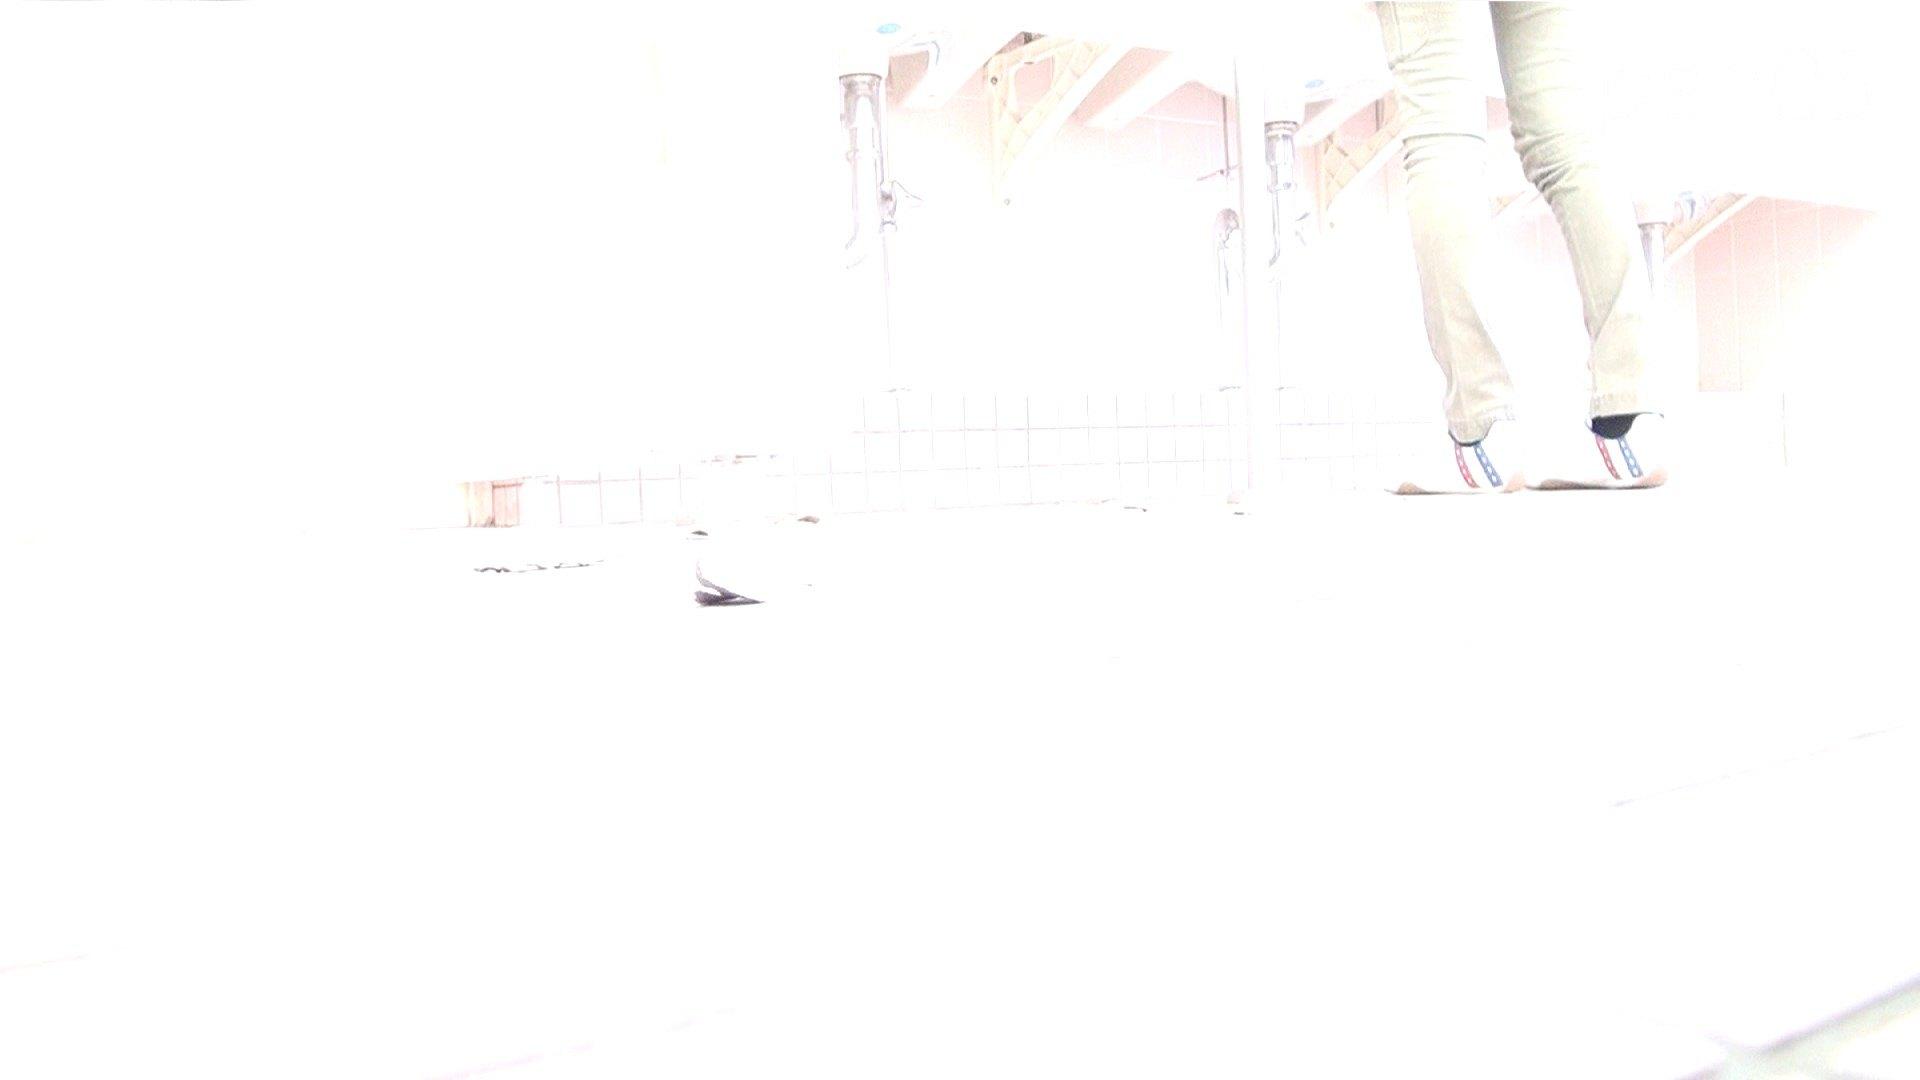 ▲復活限定▲ハイビジョン 盗神伝 Vol.5 お姉さんのSEX AV動画キャプチャ 111枚 94